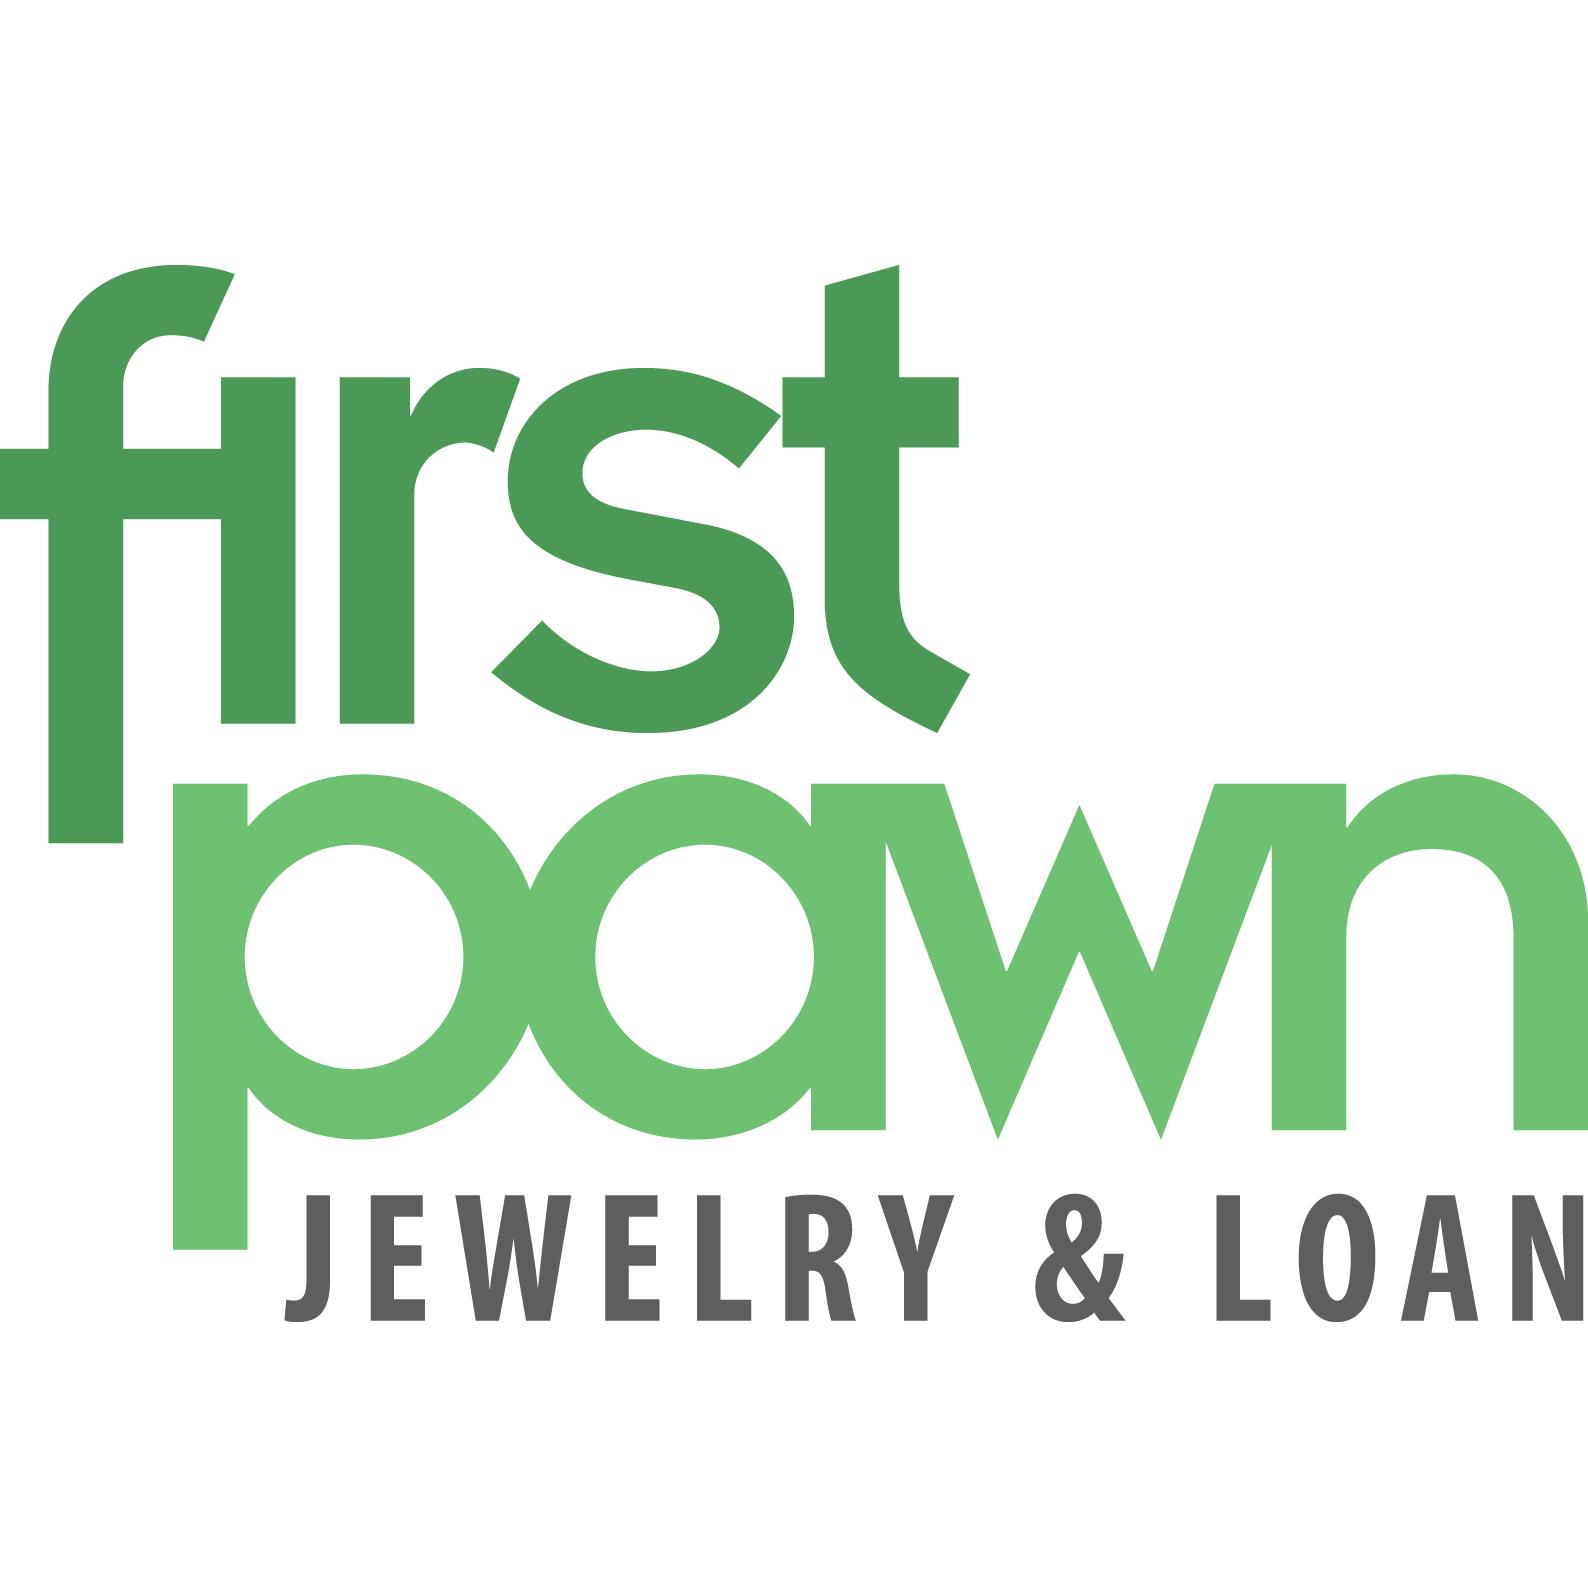 First Pawn Jewelry & Loan II